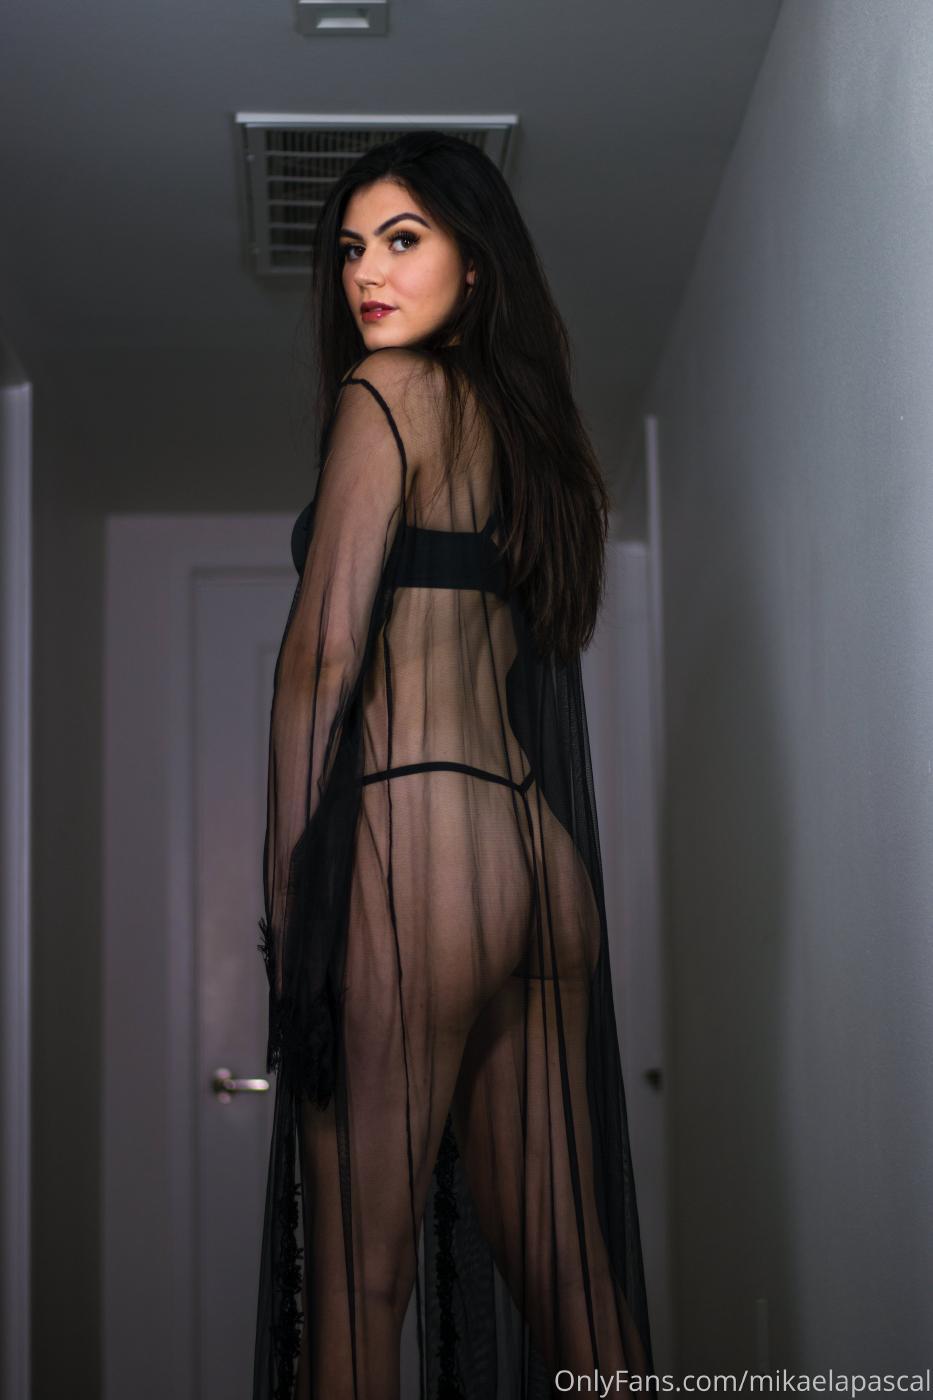 Mikaela Pascal Black Lingerie Onlyfans Set Leaked 0005